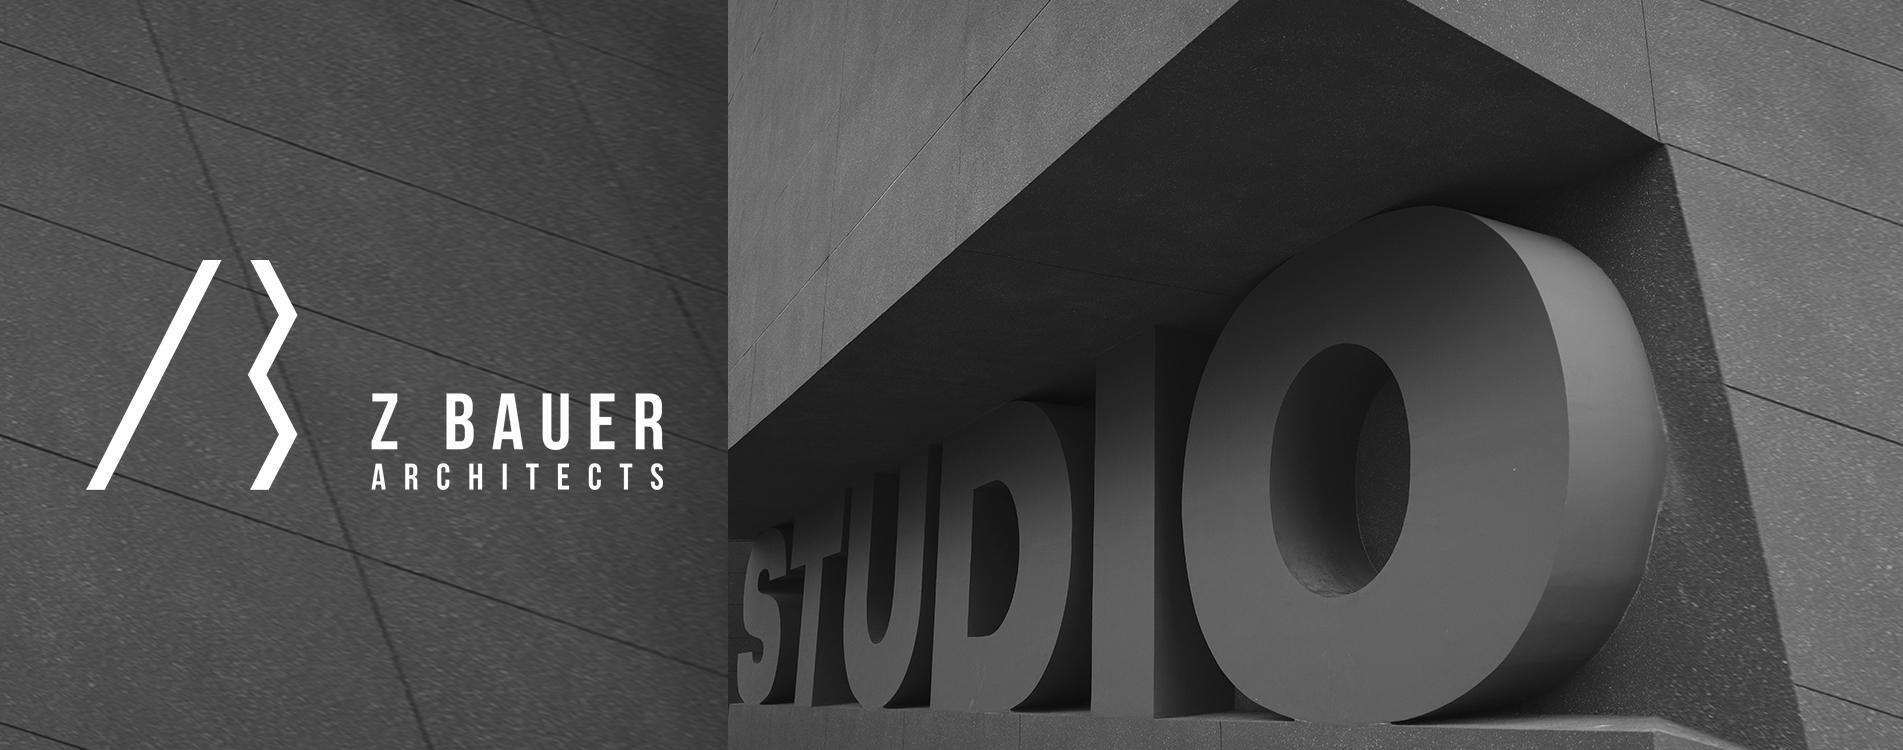 Z Bauer Architects Architect Place Brand 2 copy